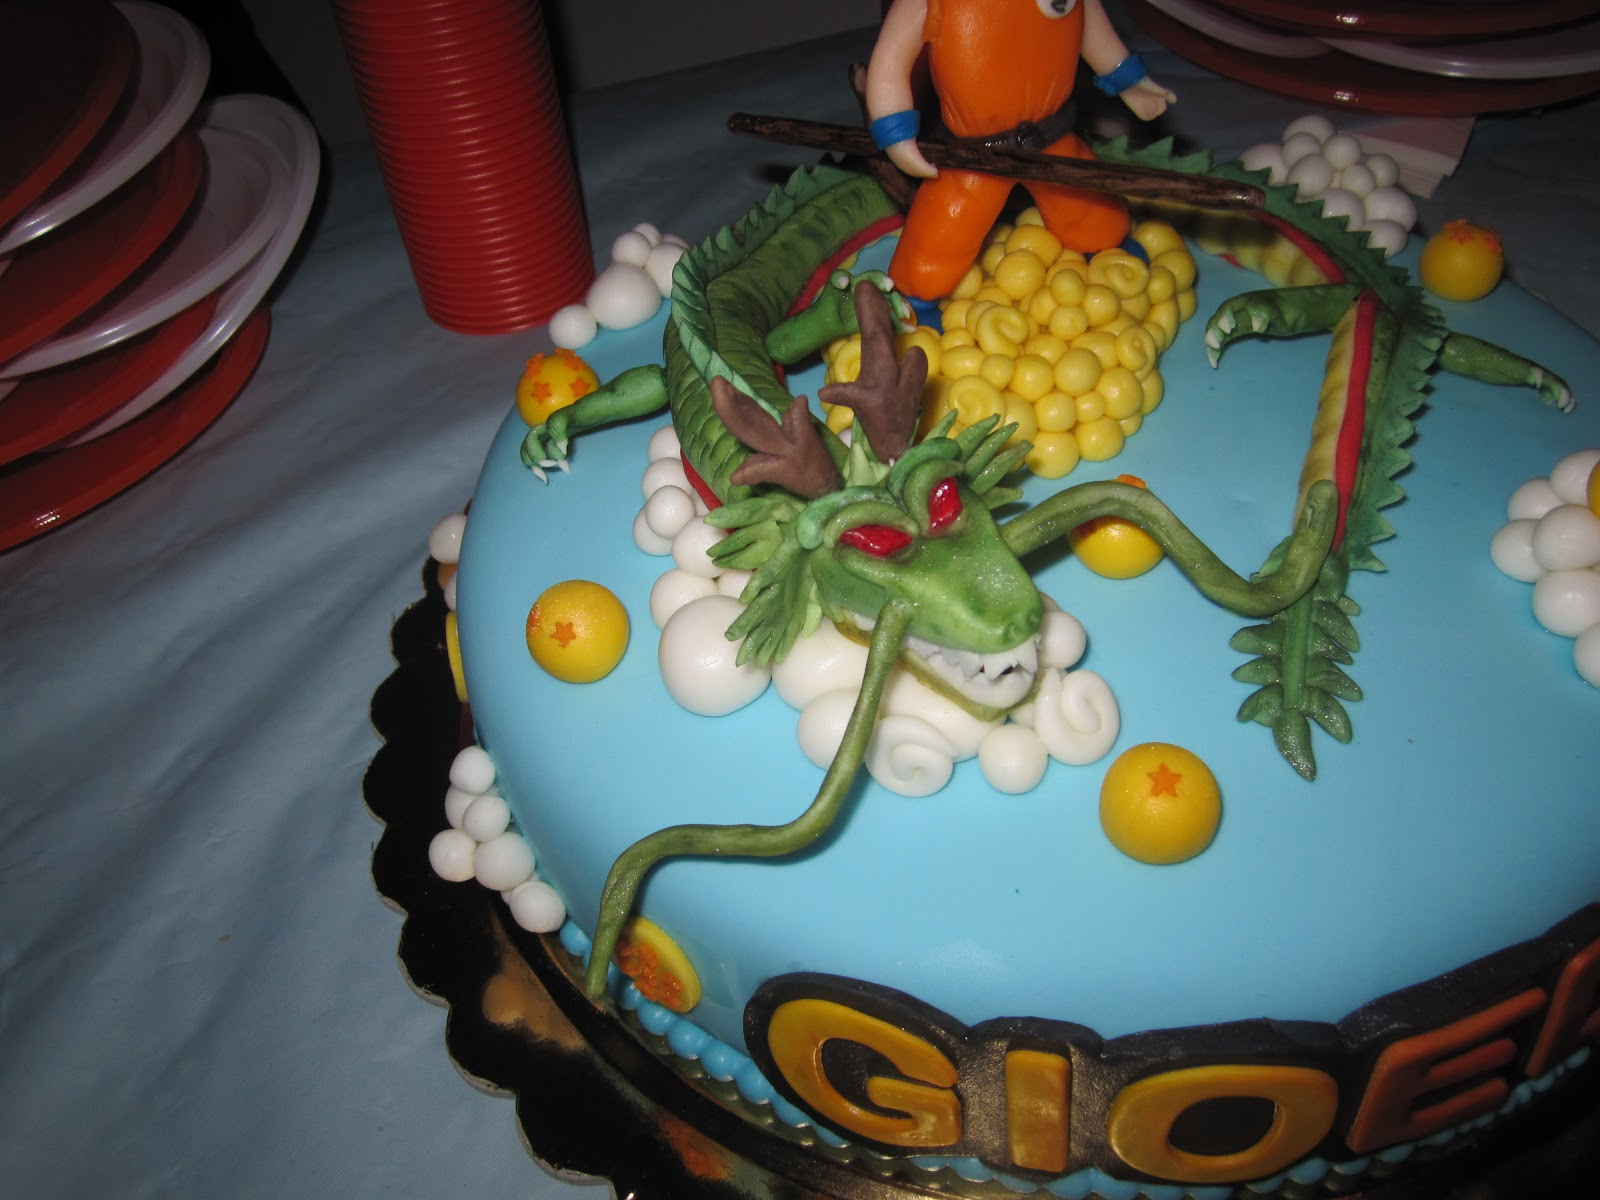 Torta con drago cake ideas and designs for Decorazioni torte ninjago